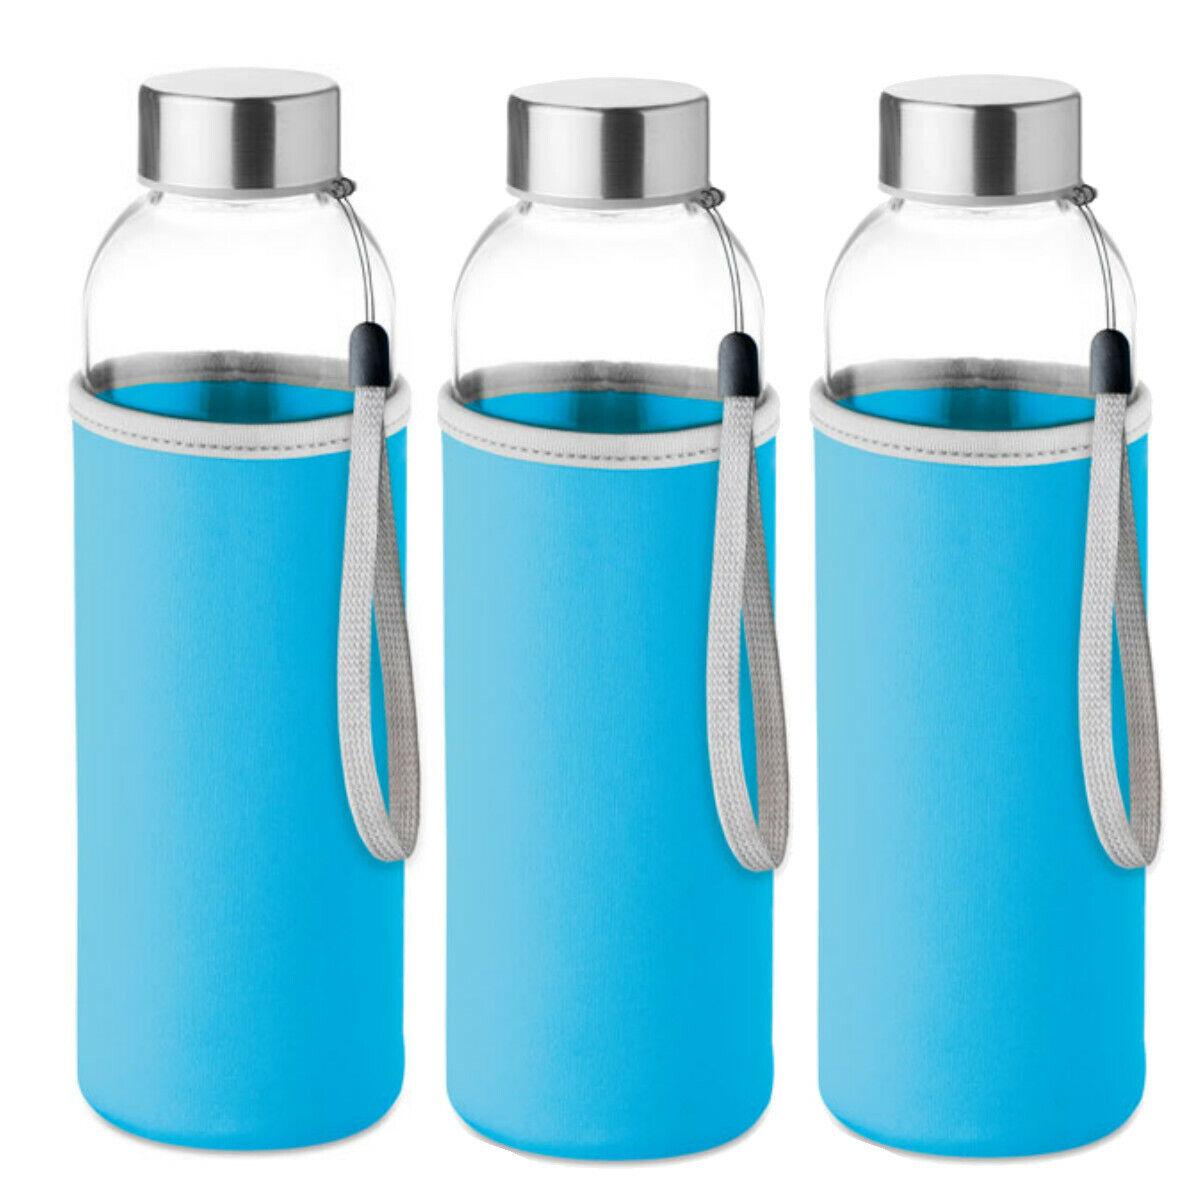 3 Botellas azules de cristal con funda de neopreno 500 ml deportes y aire libre